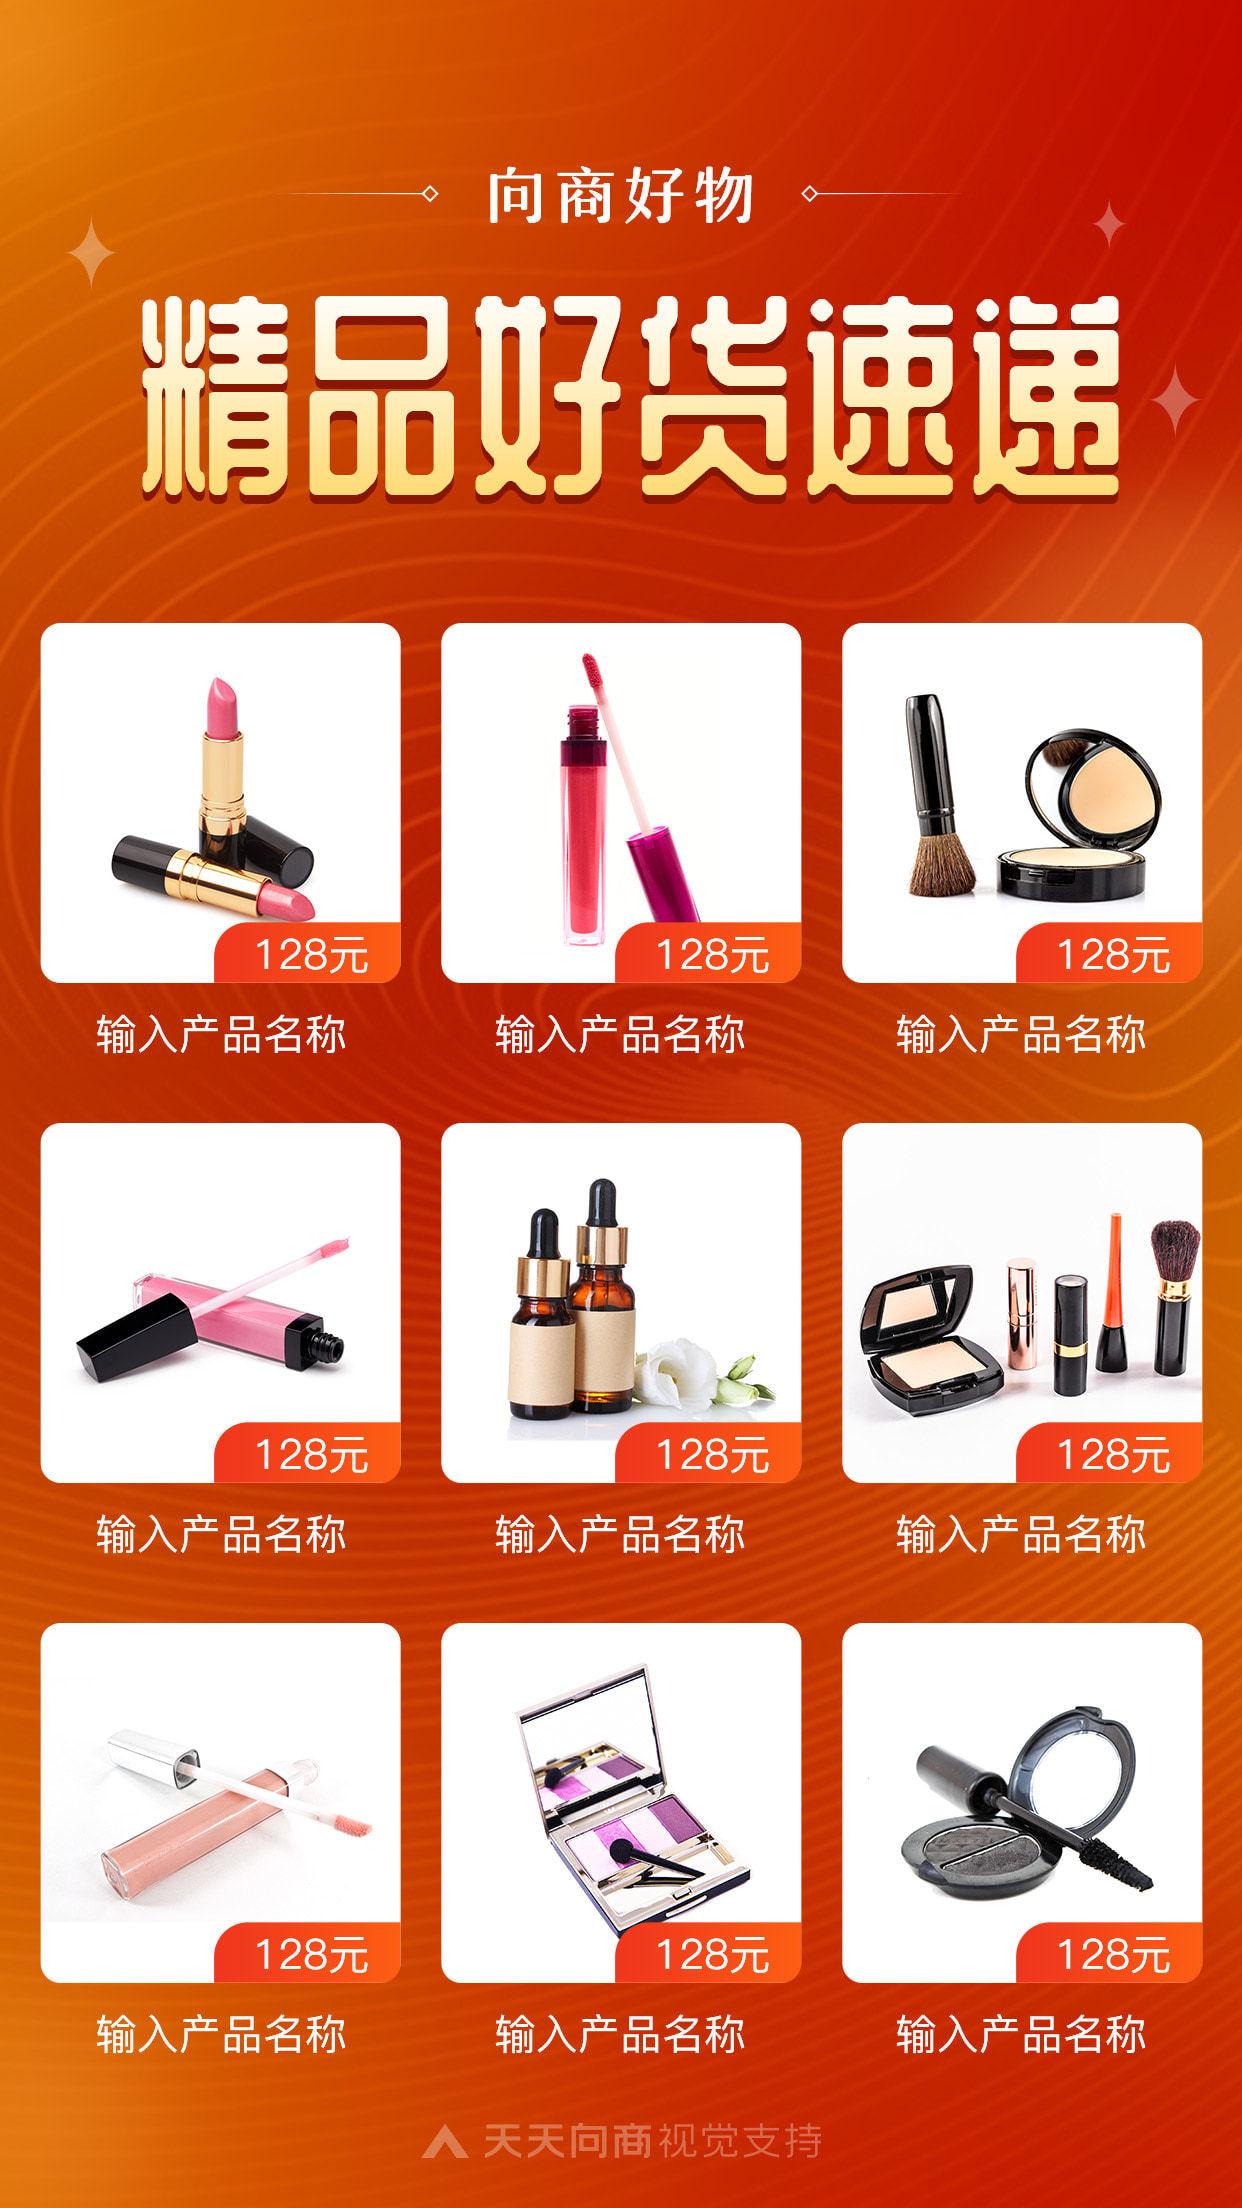 妆品九宫格模板海报